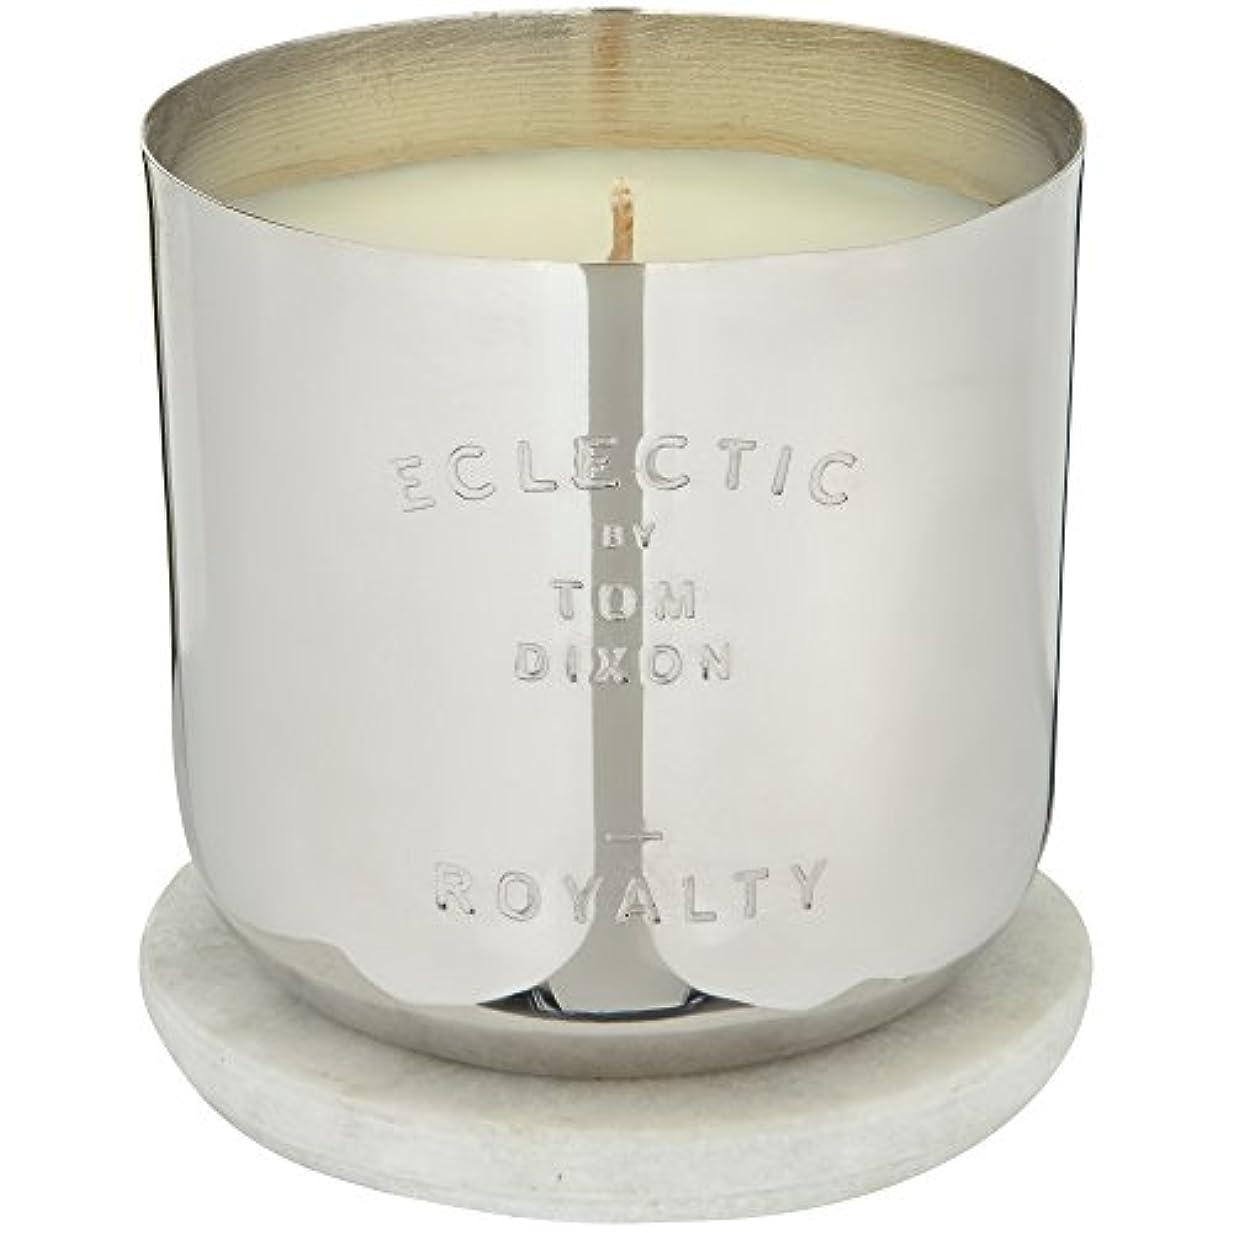 ニッケル余分な歌手Tom Dixon Royalty Scented Candle (Pack of 2) - トム?ディクソンロイヤリティ香りのキャンドル x2 [並行輸入品]